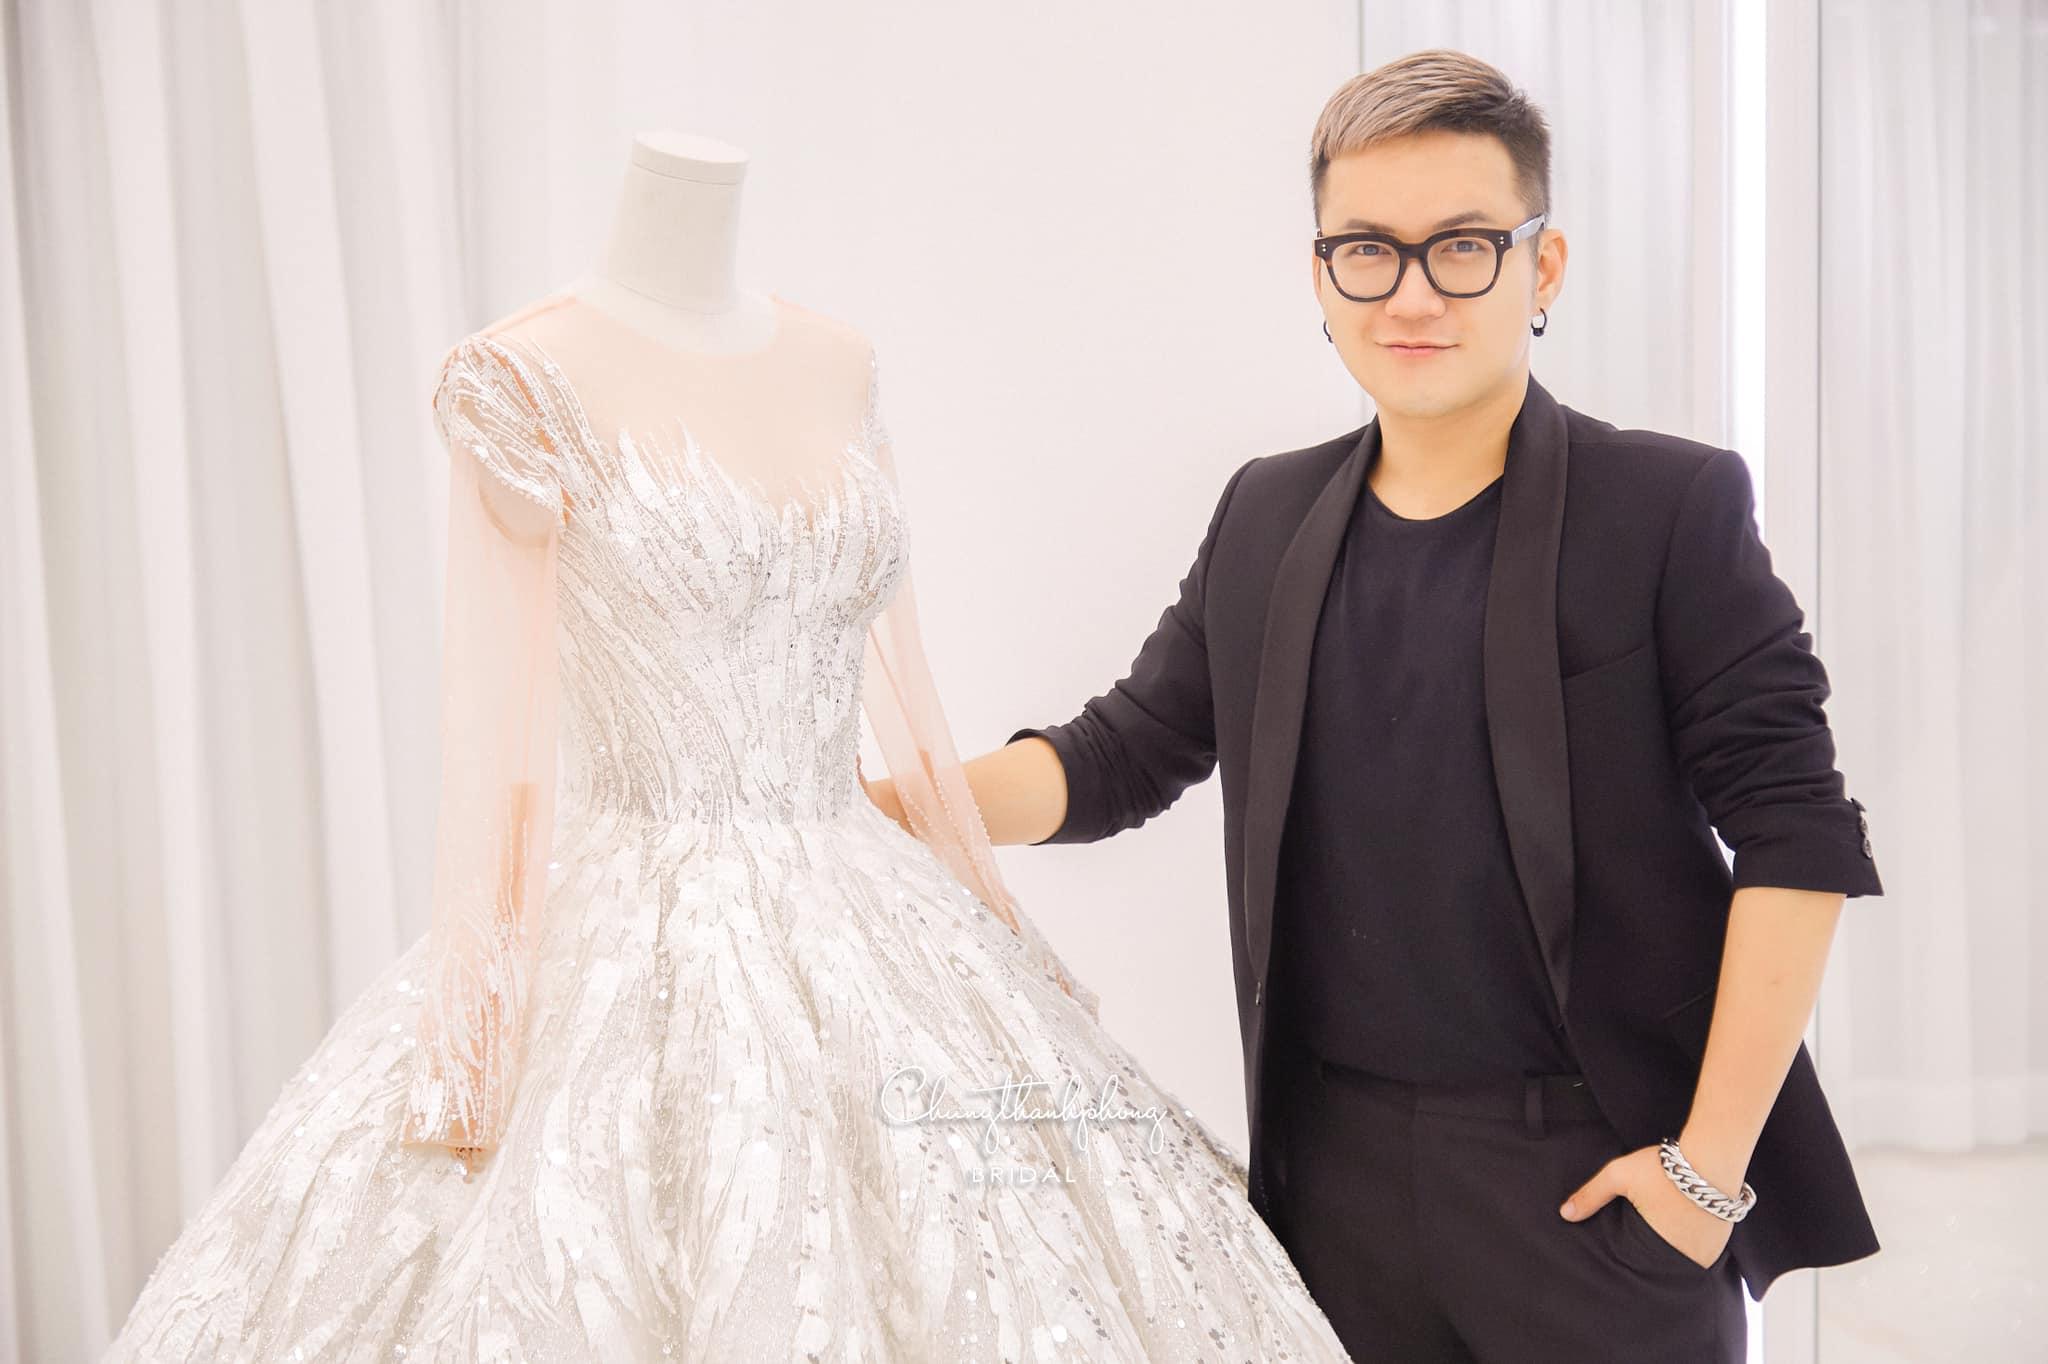 hình ảnh profile nhà thiết kế Chung Thanh Phong